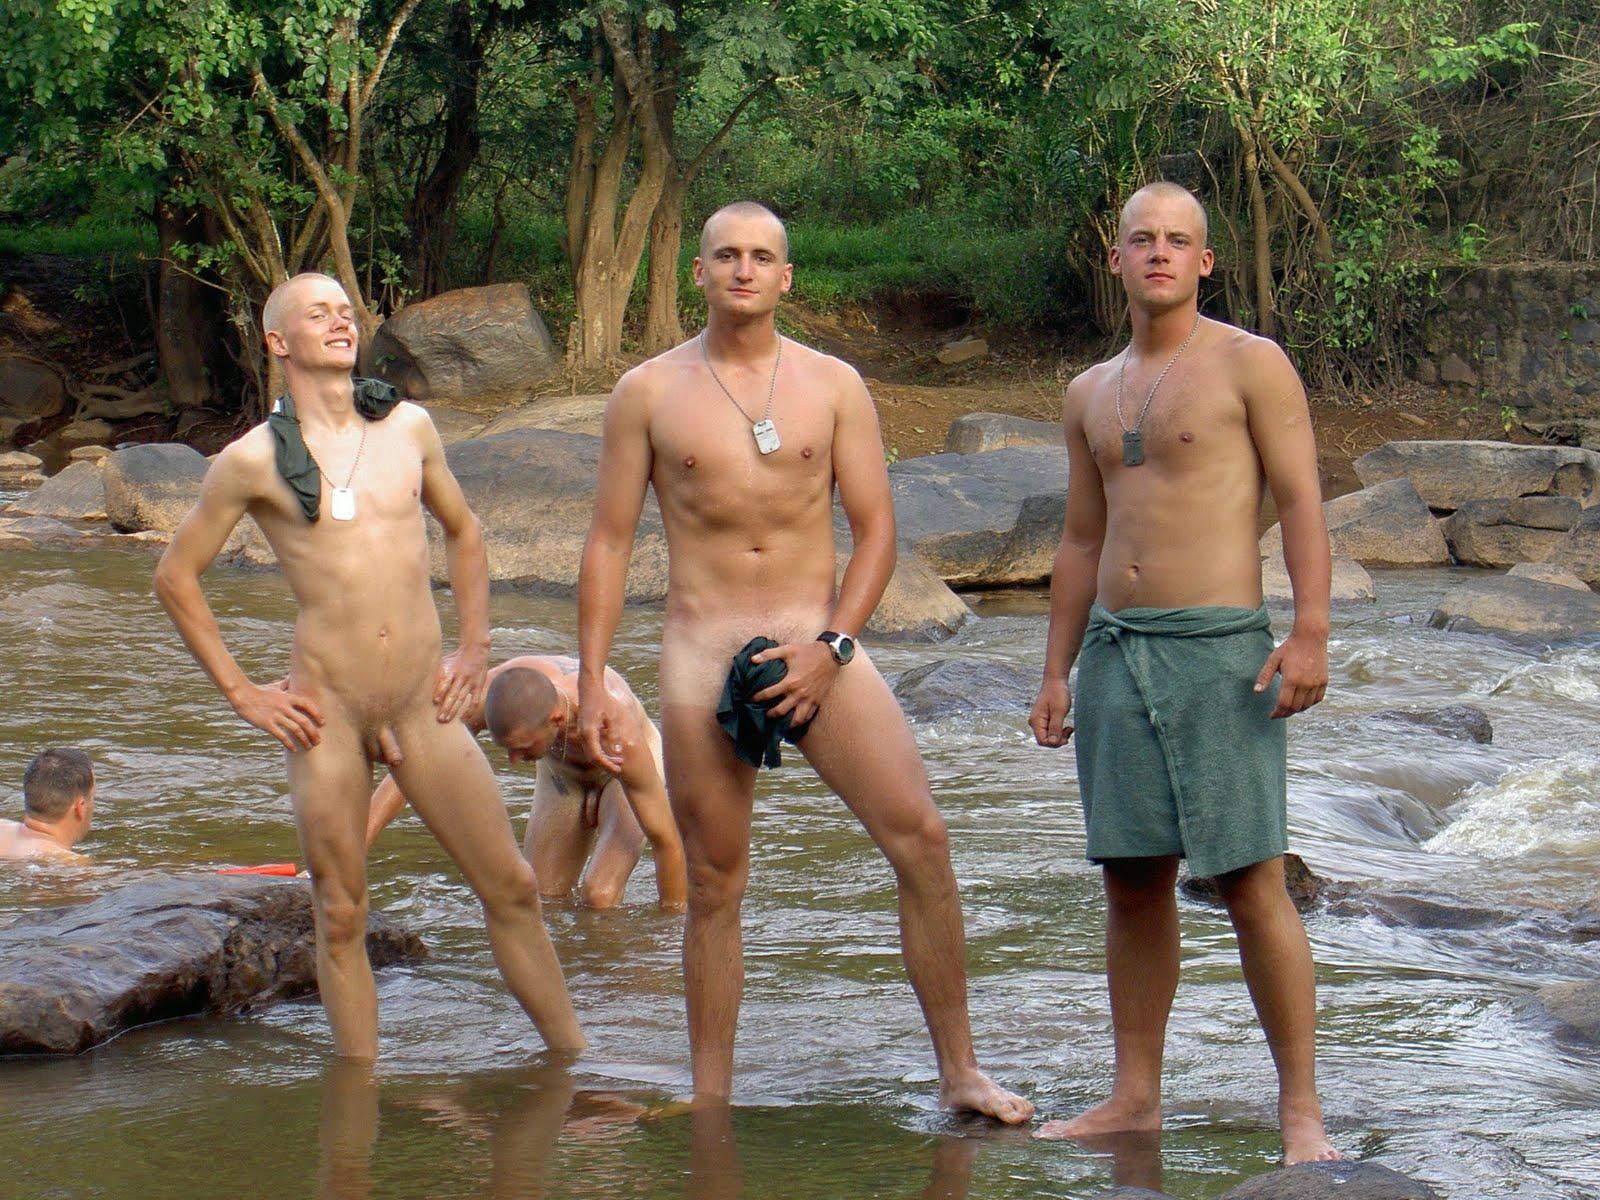 Как позвать парня купаться голыми